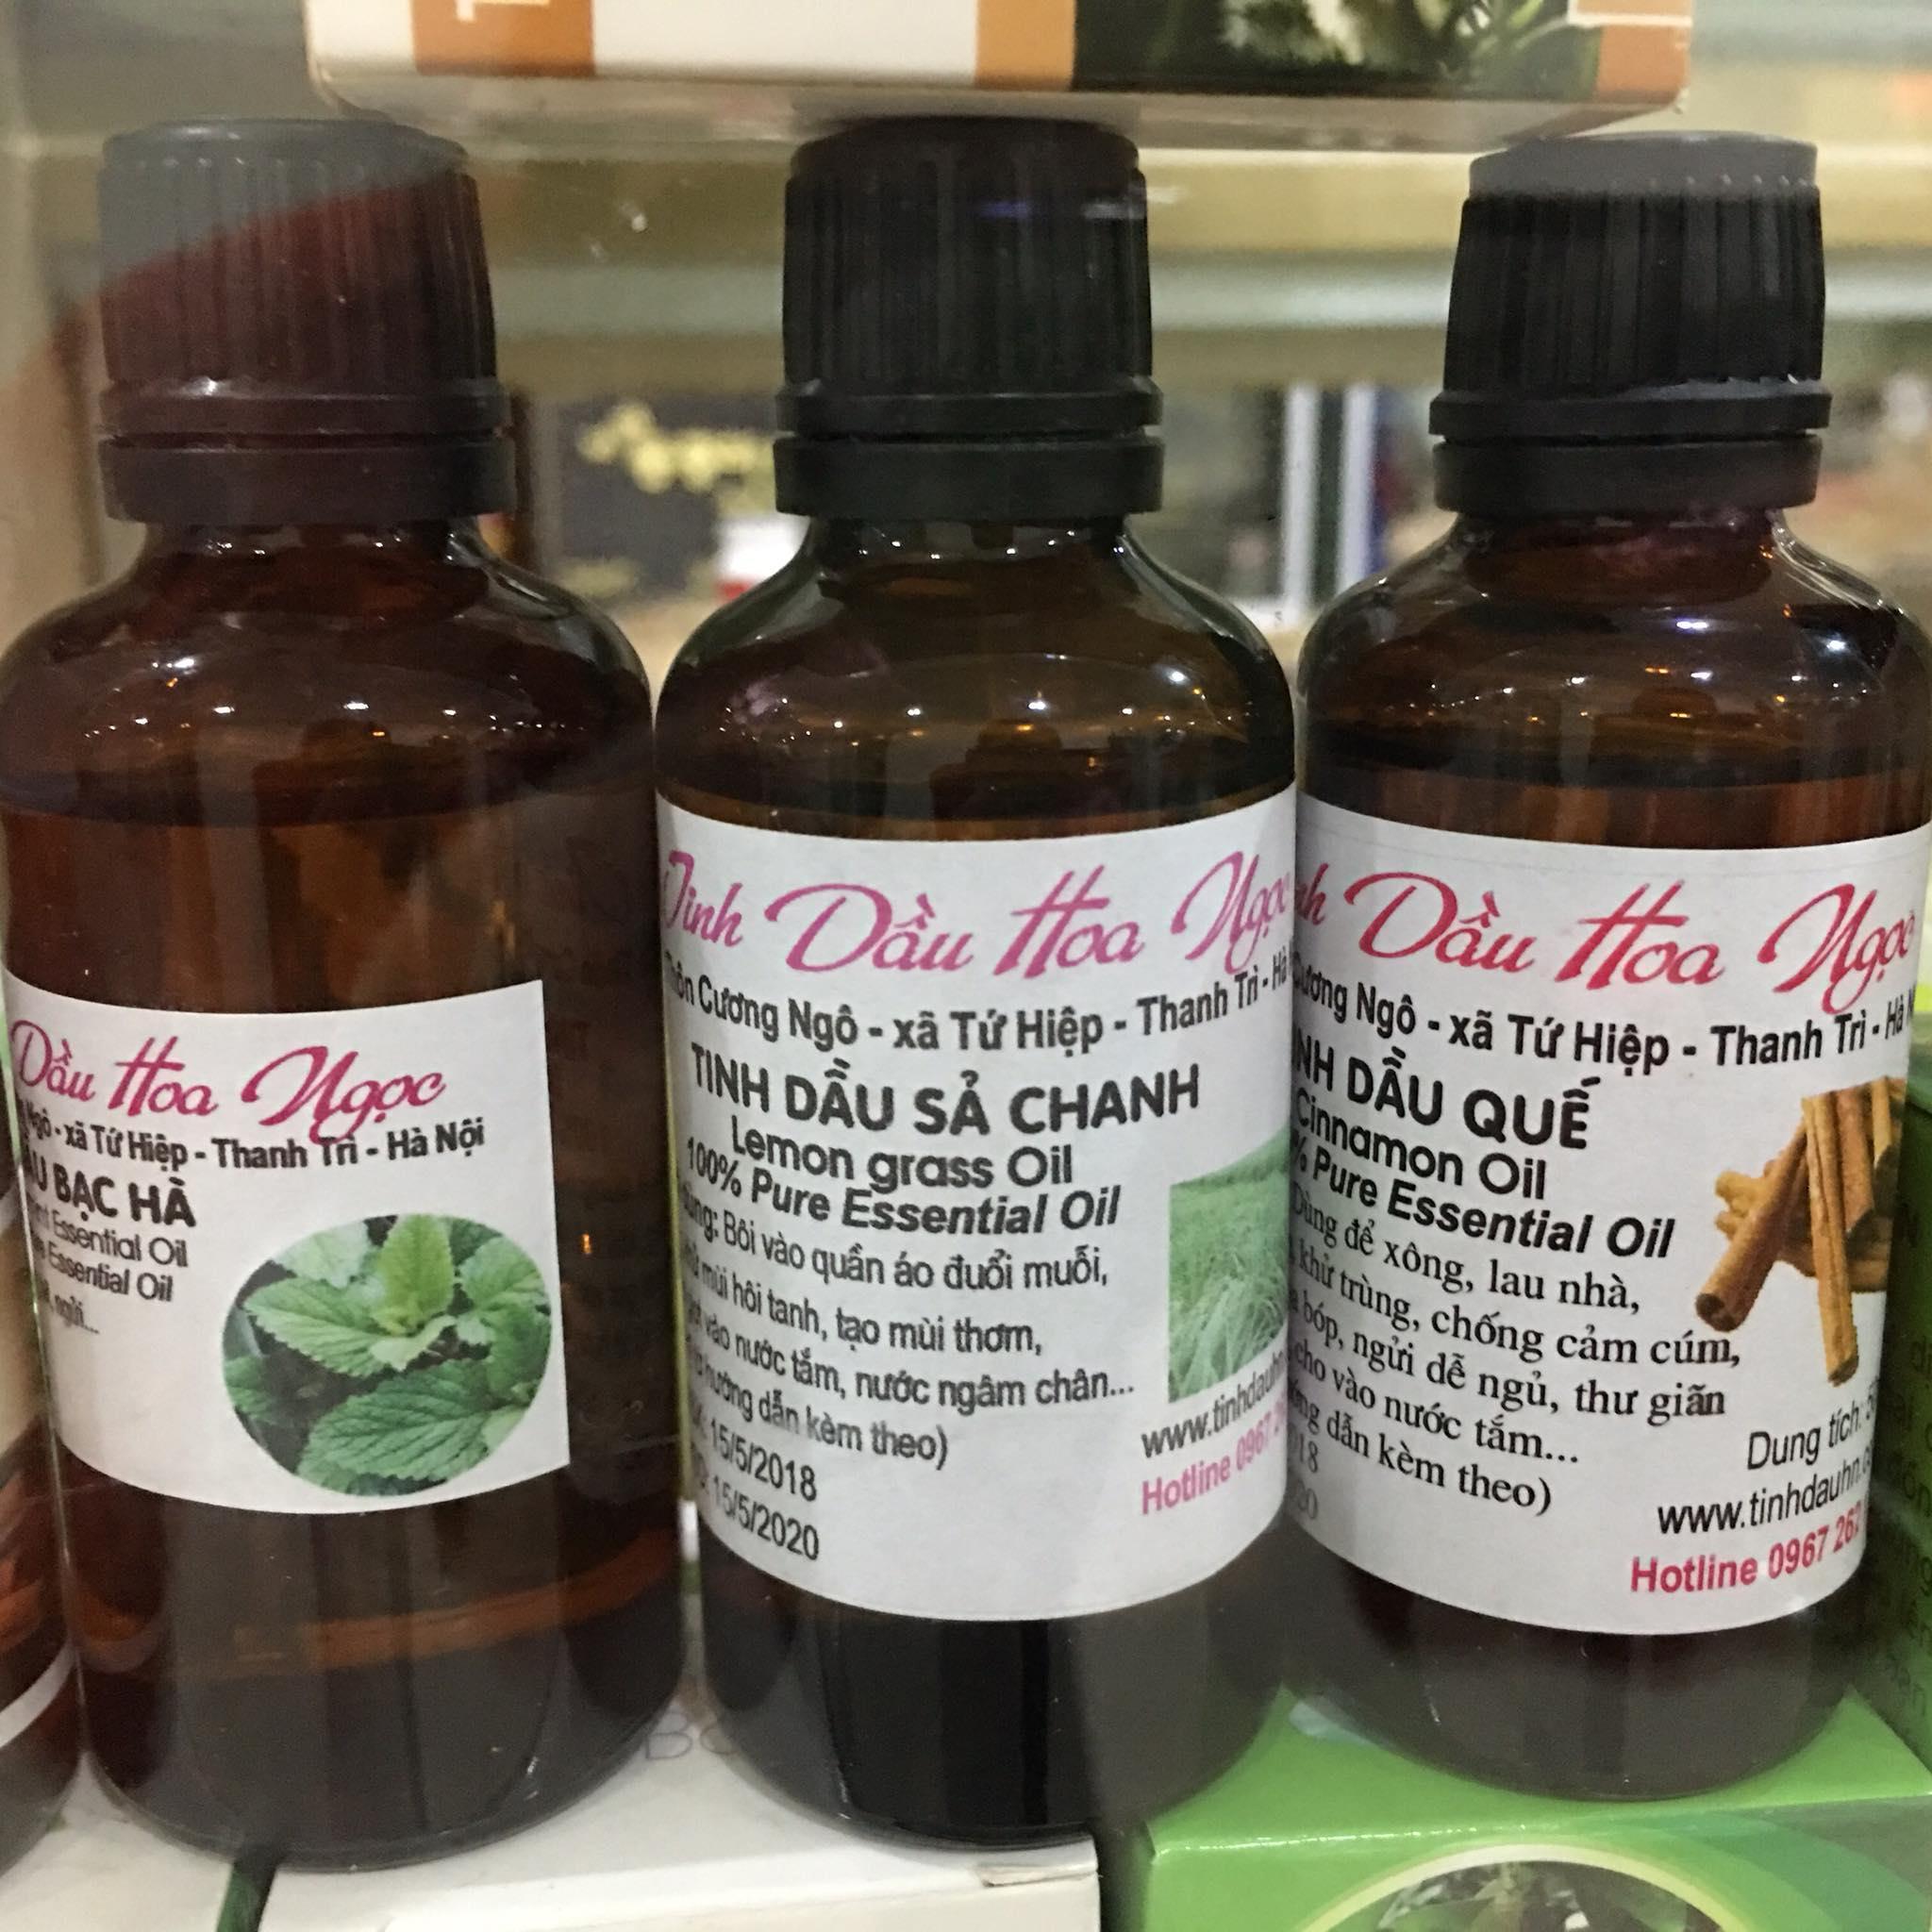 Tinh dầu sả chanh Hoa Ngọc 50ml